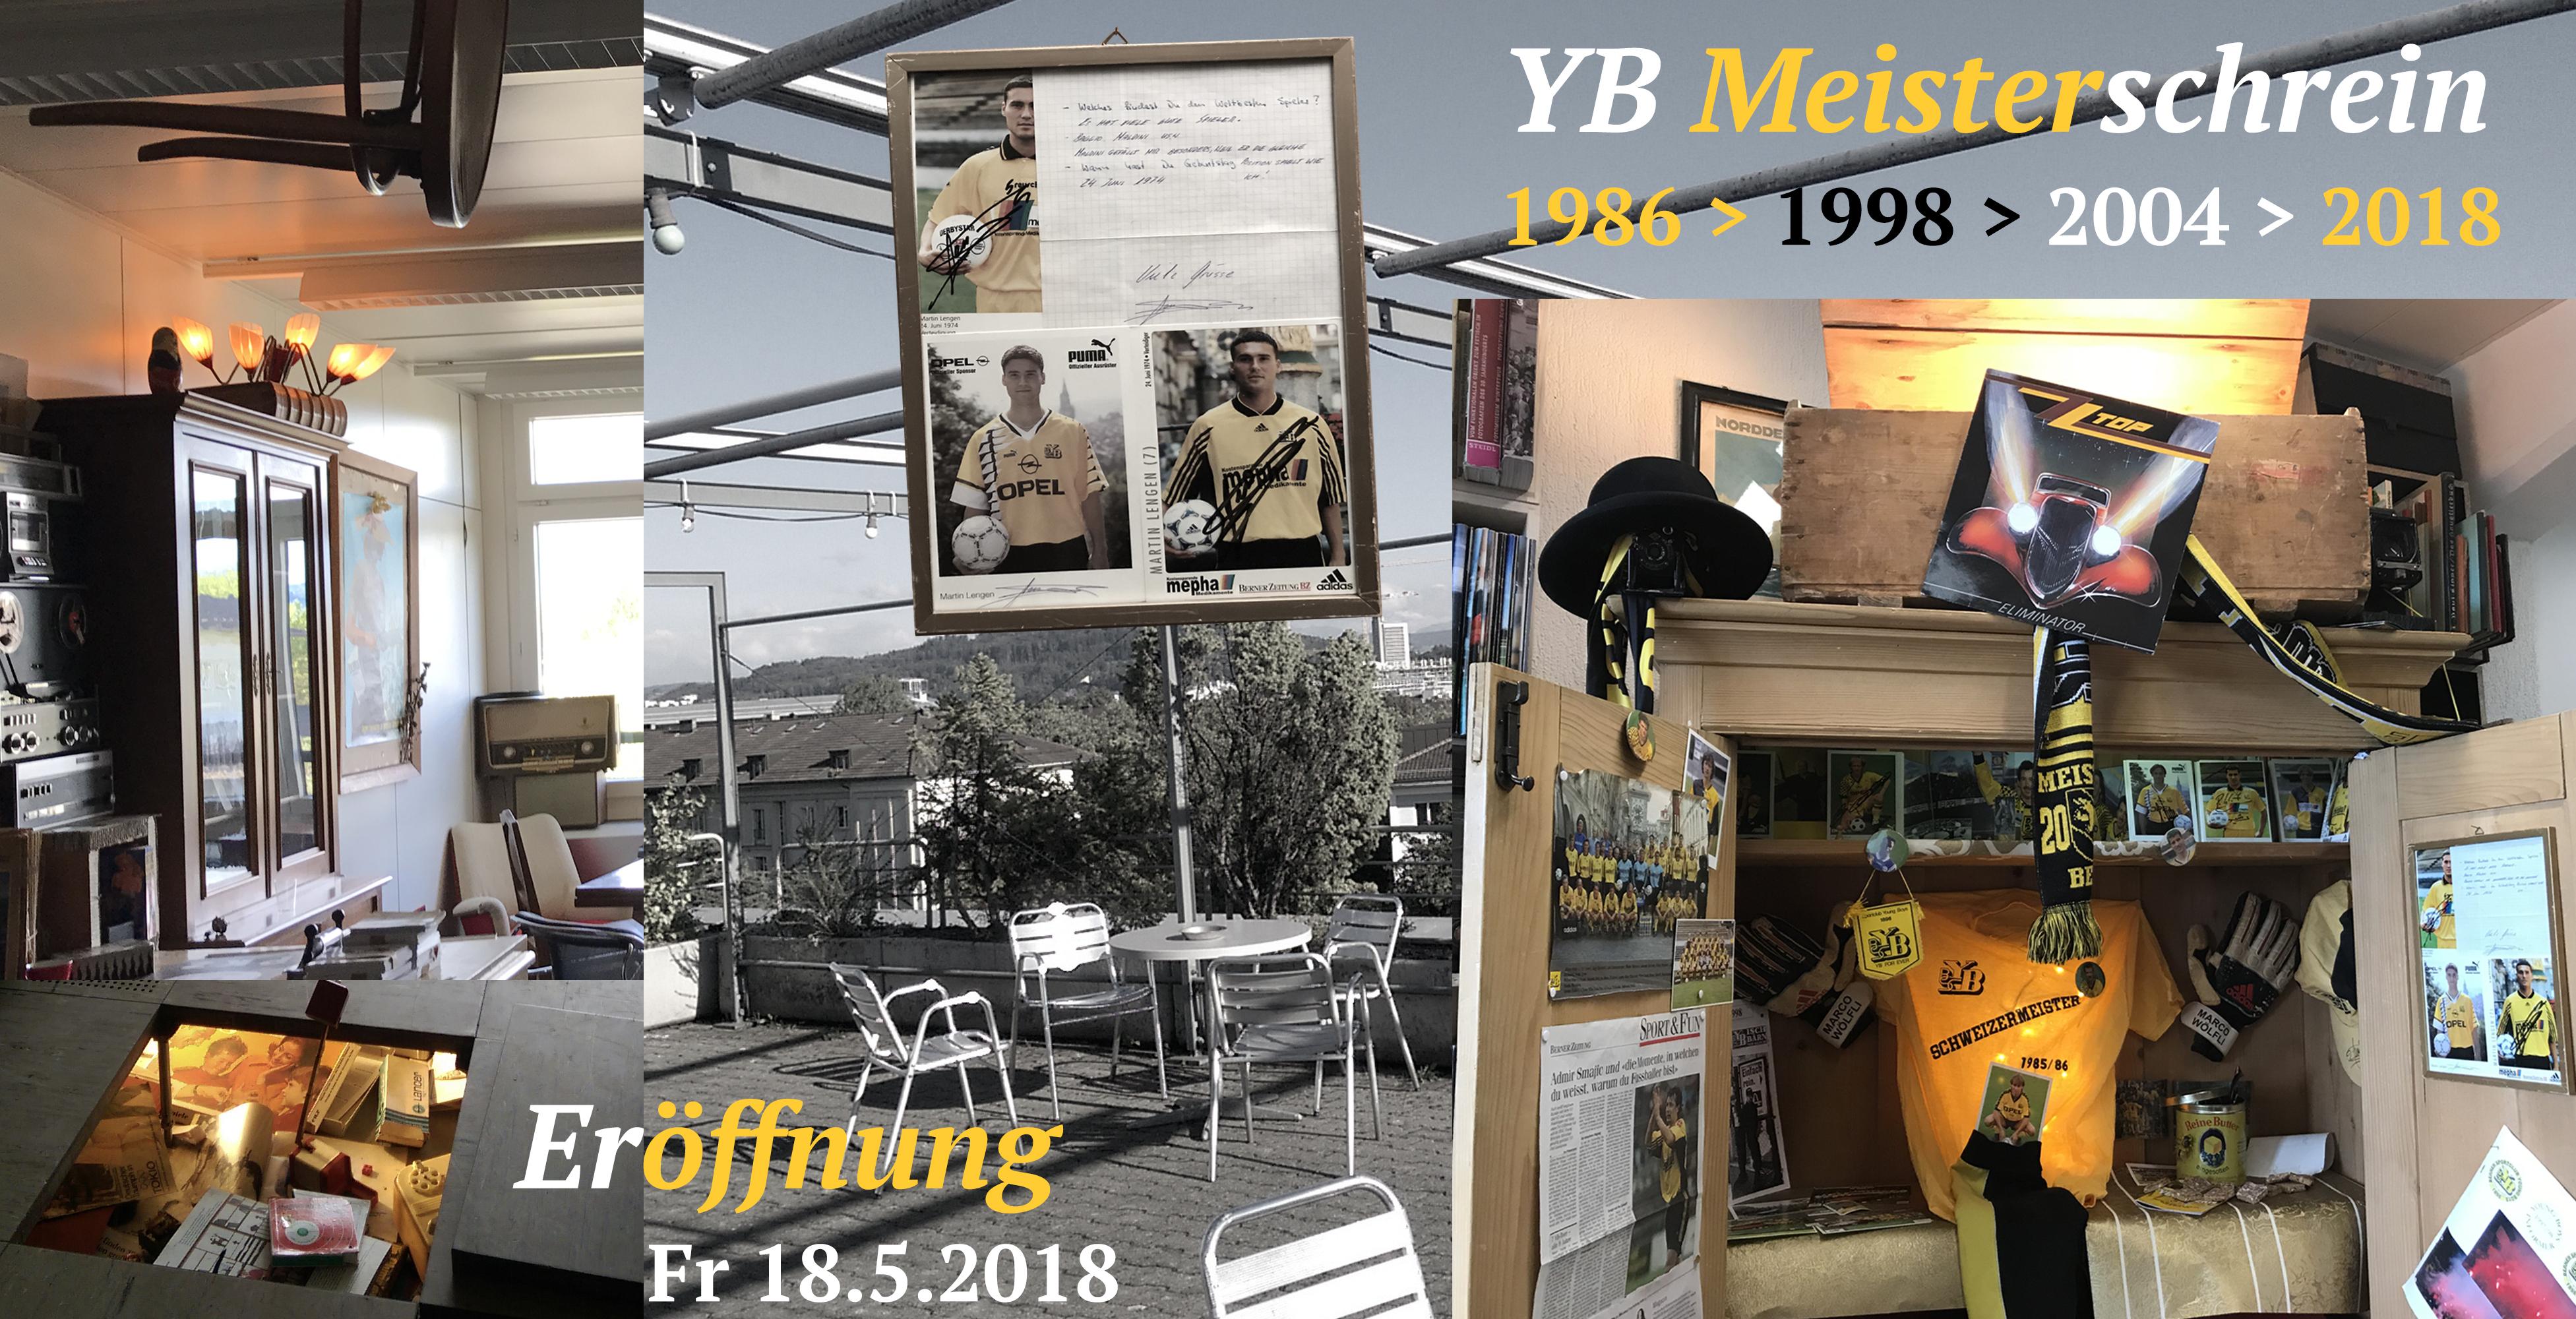 /_zeitmaschine/uploads/180518_YB-Meisterschrein.jpg